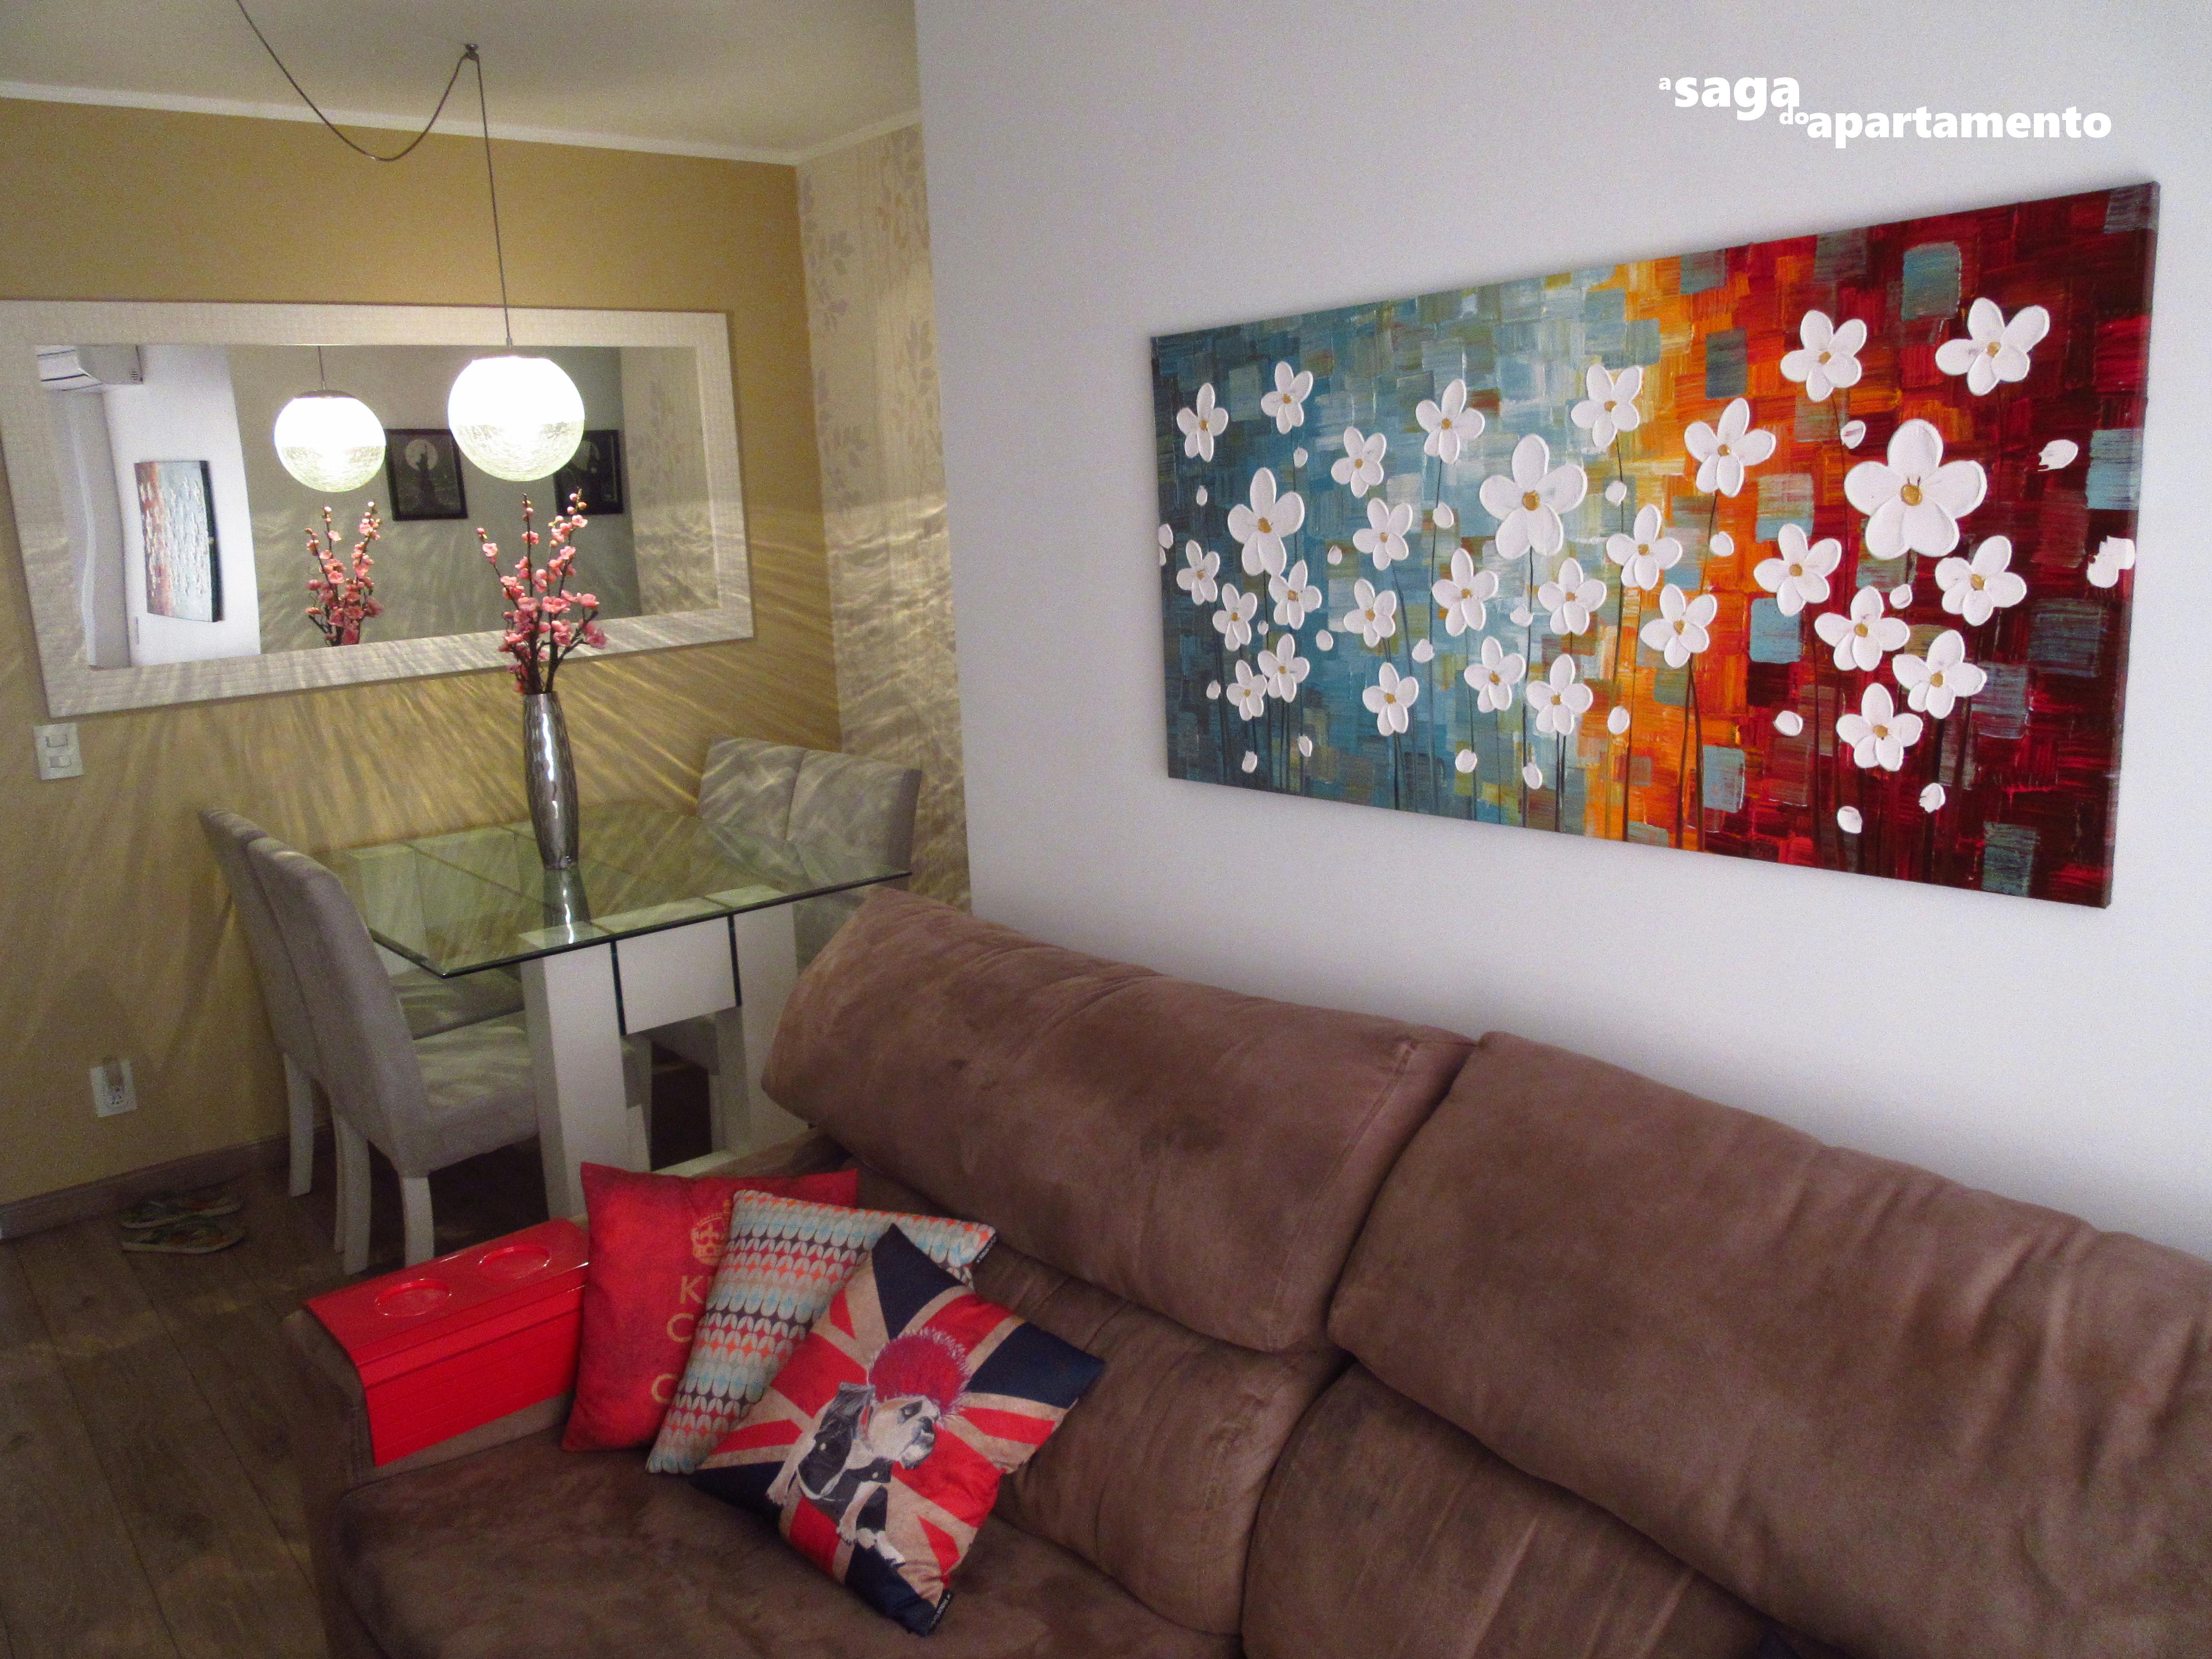 Portas Corredor Coloridas A Saga Do Apartamento -> Sala Branca Com Parede Colorida